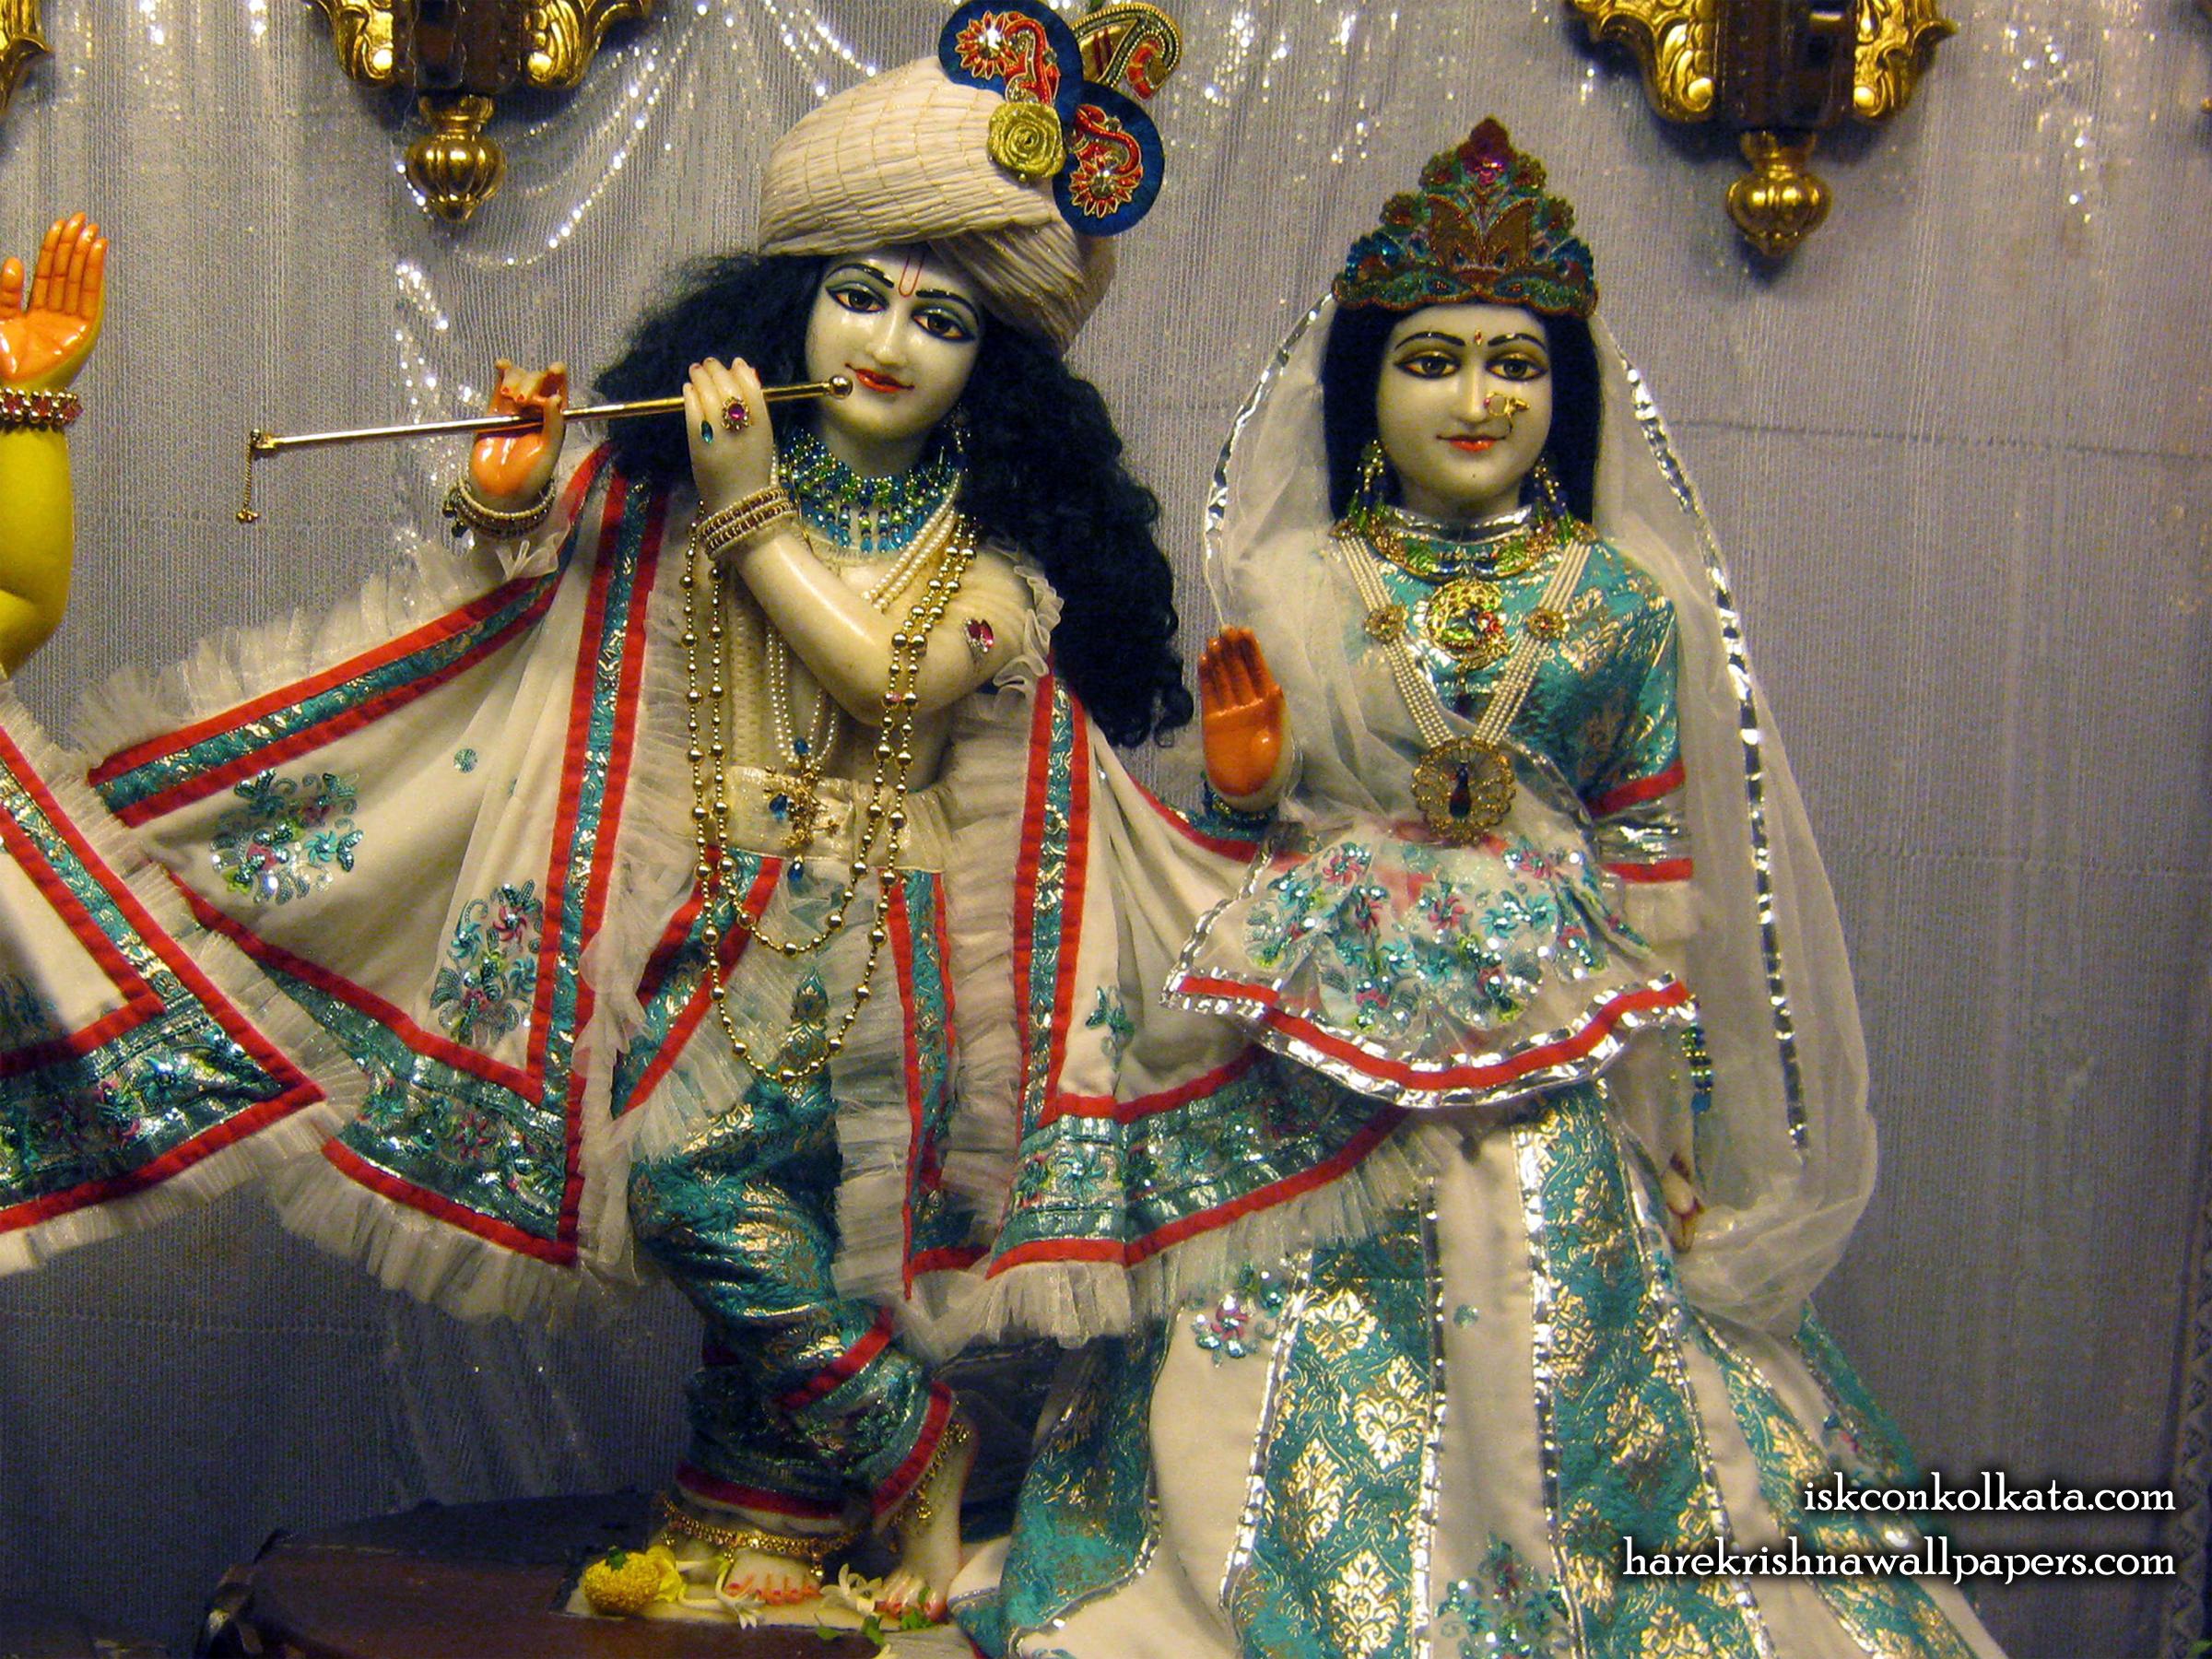 Sri Sri Radha Govinda Wallpaper (001) Size 2400x1800 Download